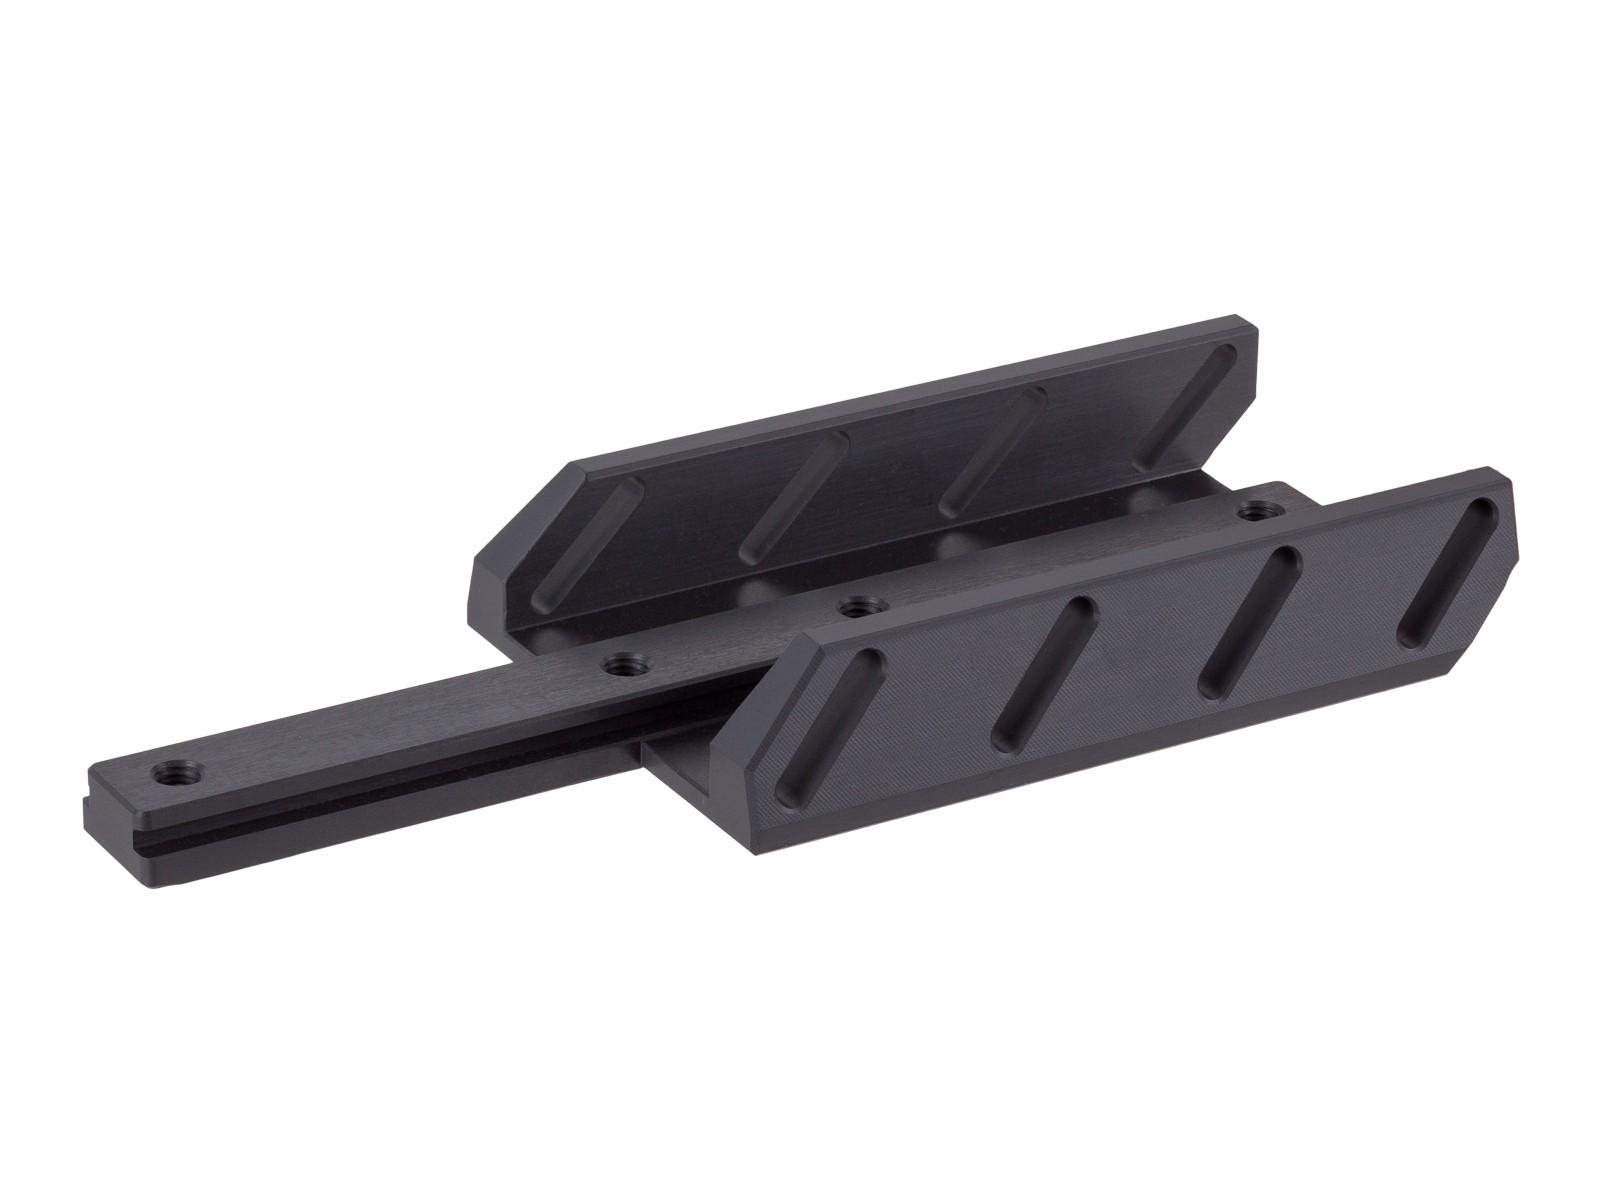 Kraford and Lypt Zero Tilt Plate, Black